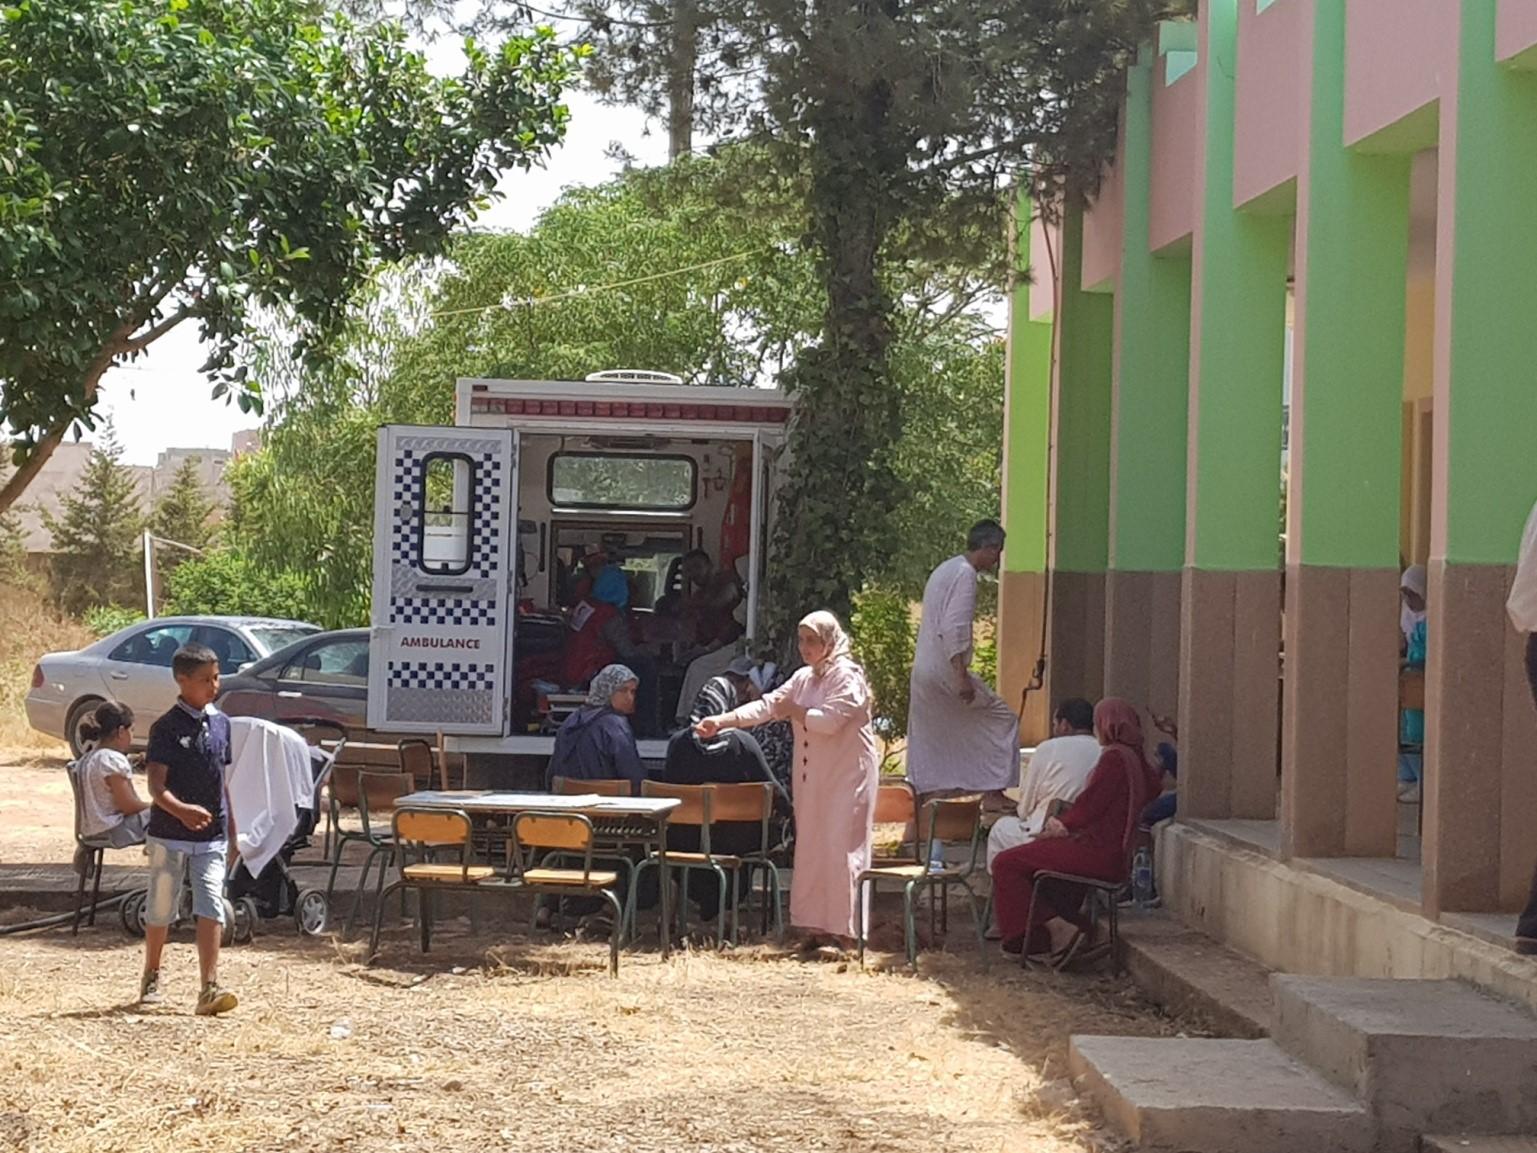 Caravanas sanitarias para mejorar la salud de las mujeres en Marruecos